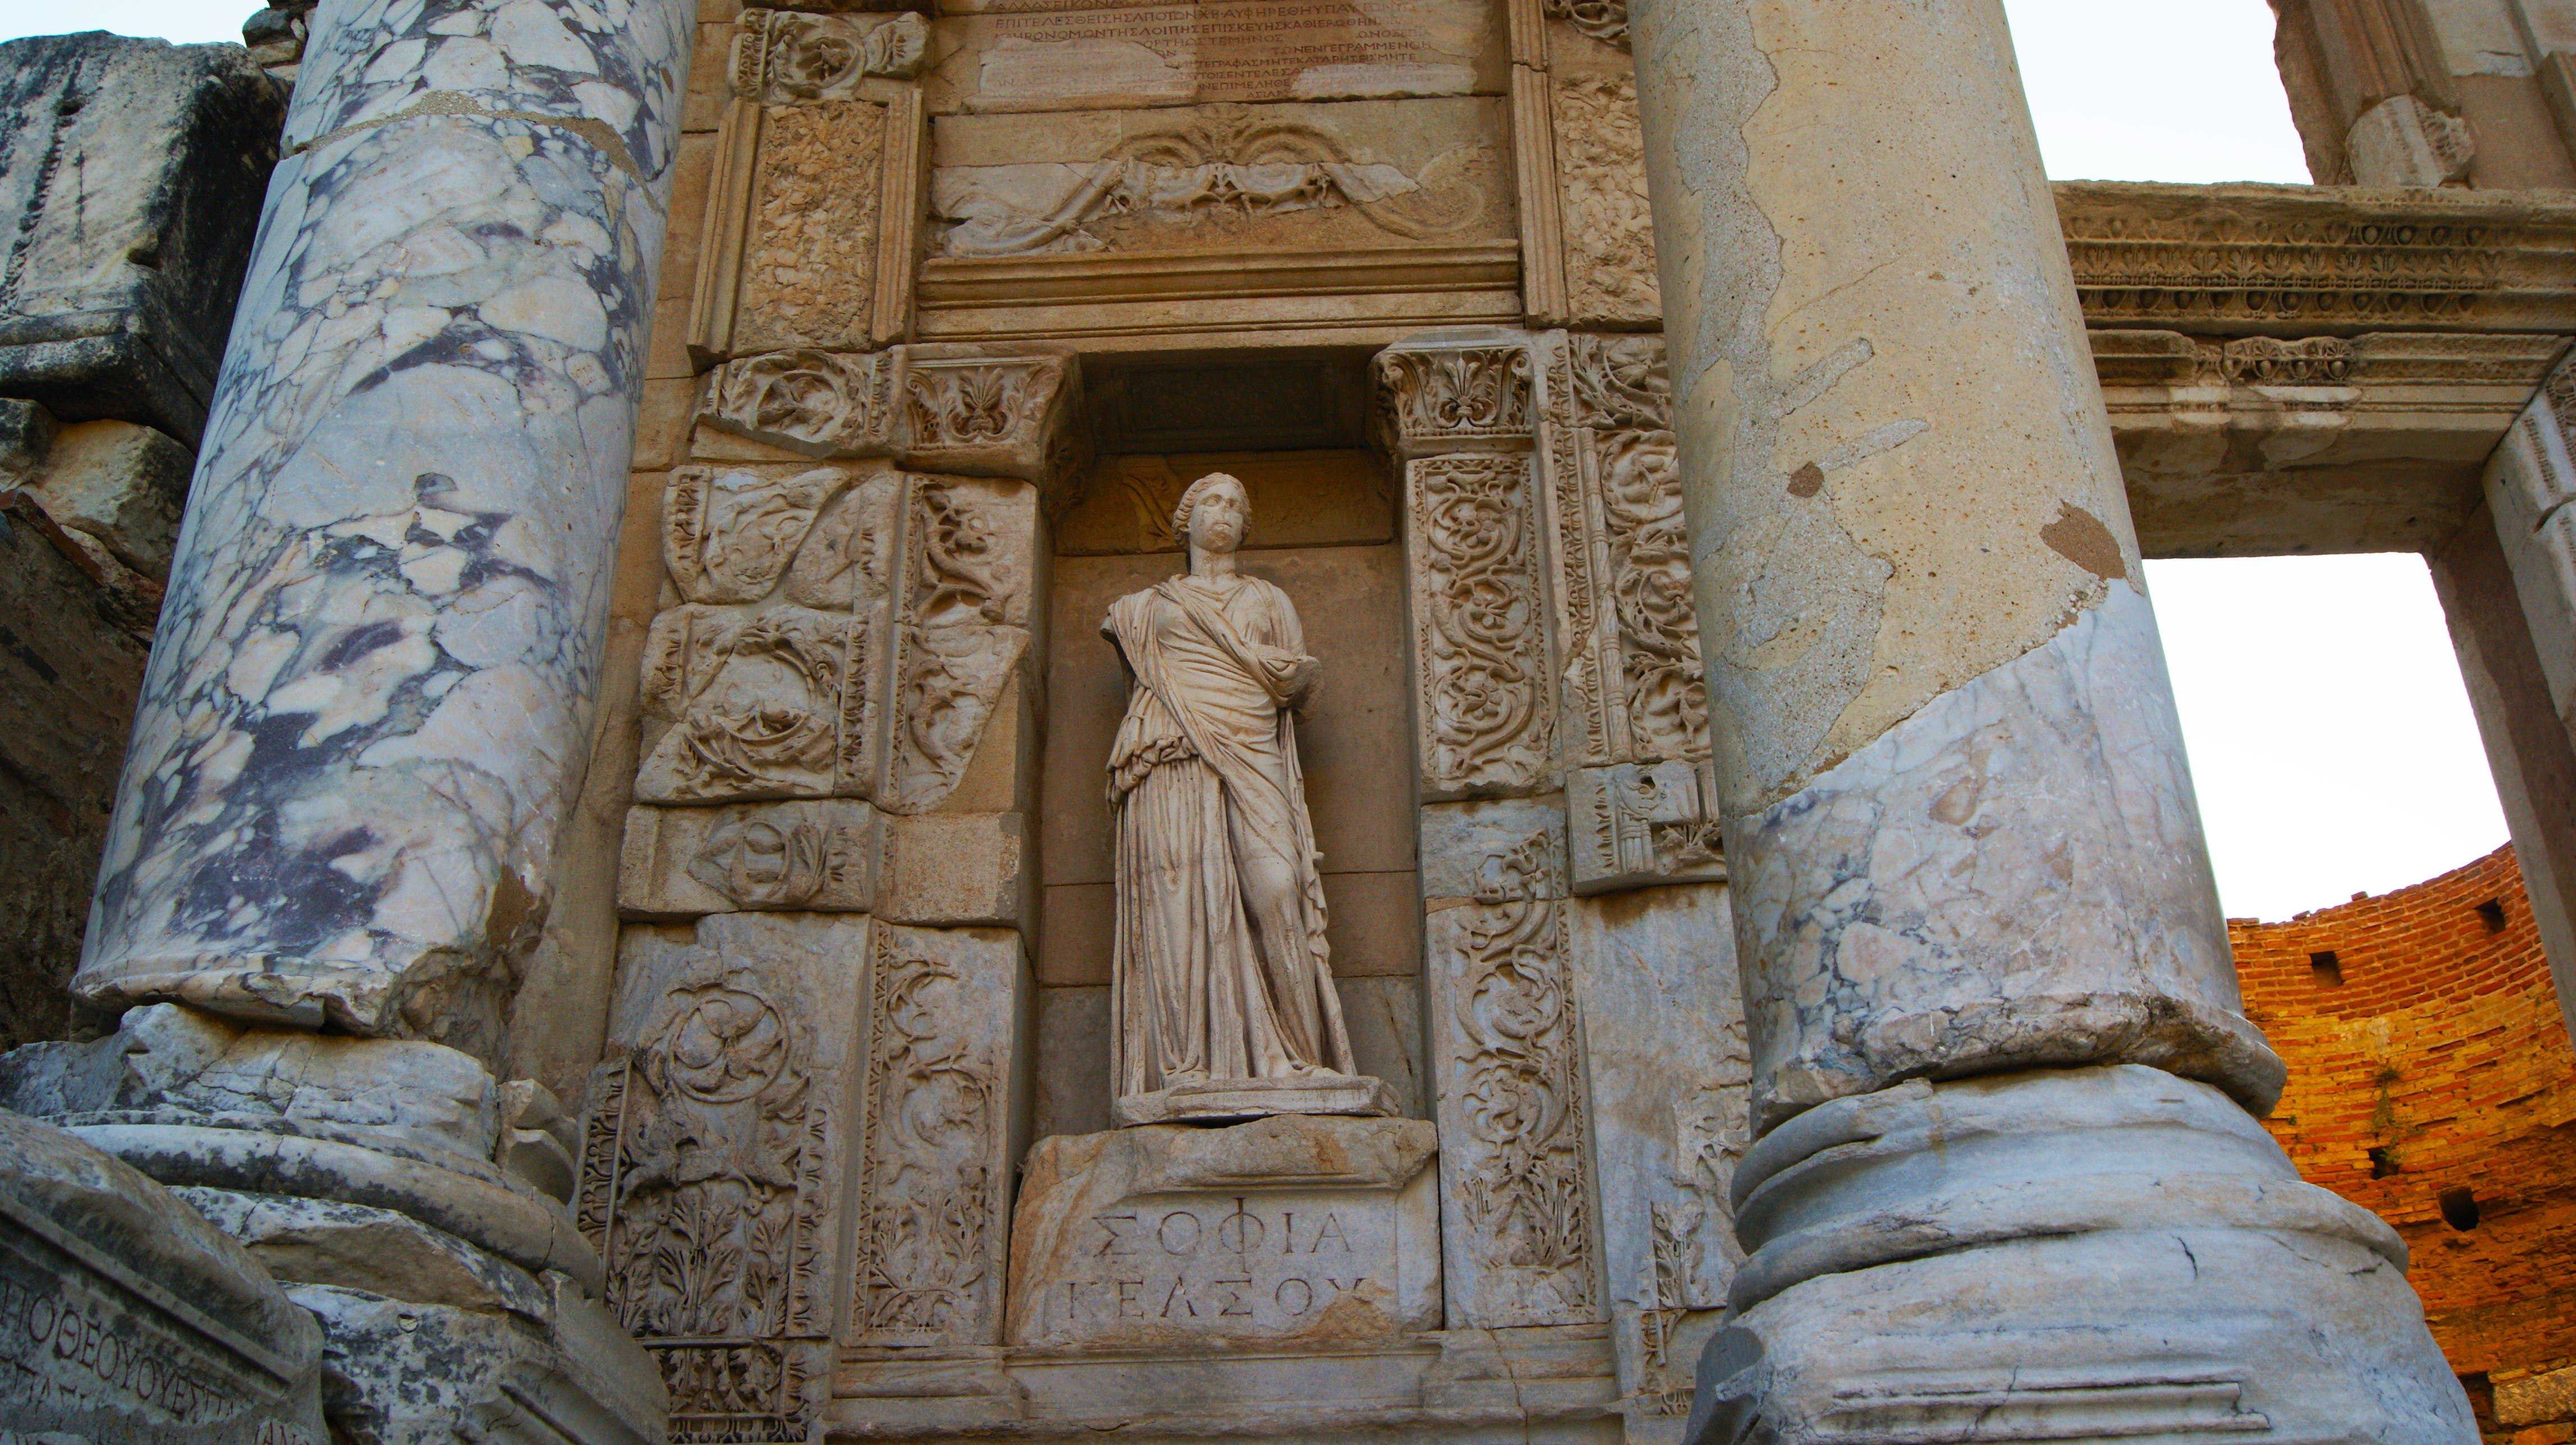 Türkiye'deki Efes antik şehri, Kelsos (Celsus) Kütüphanesi'nde bulunan Yunan bilgelik tanrıçası Sofia'nın heykeli..